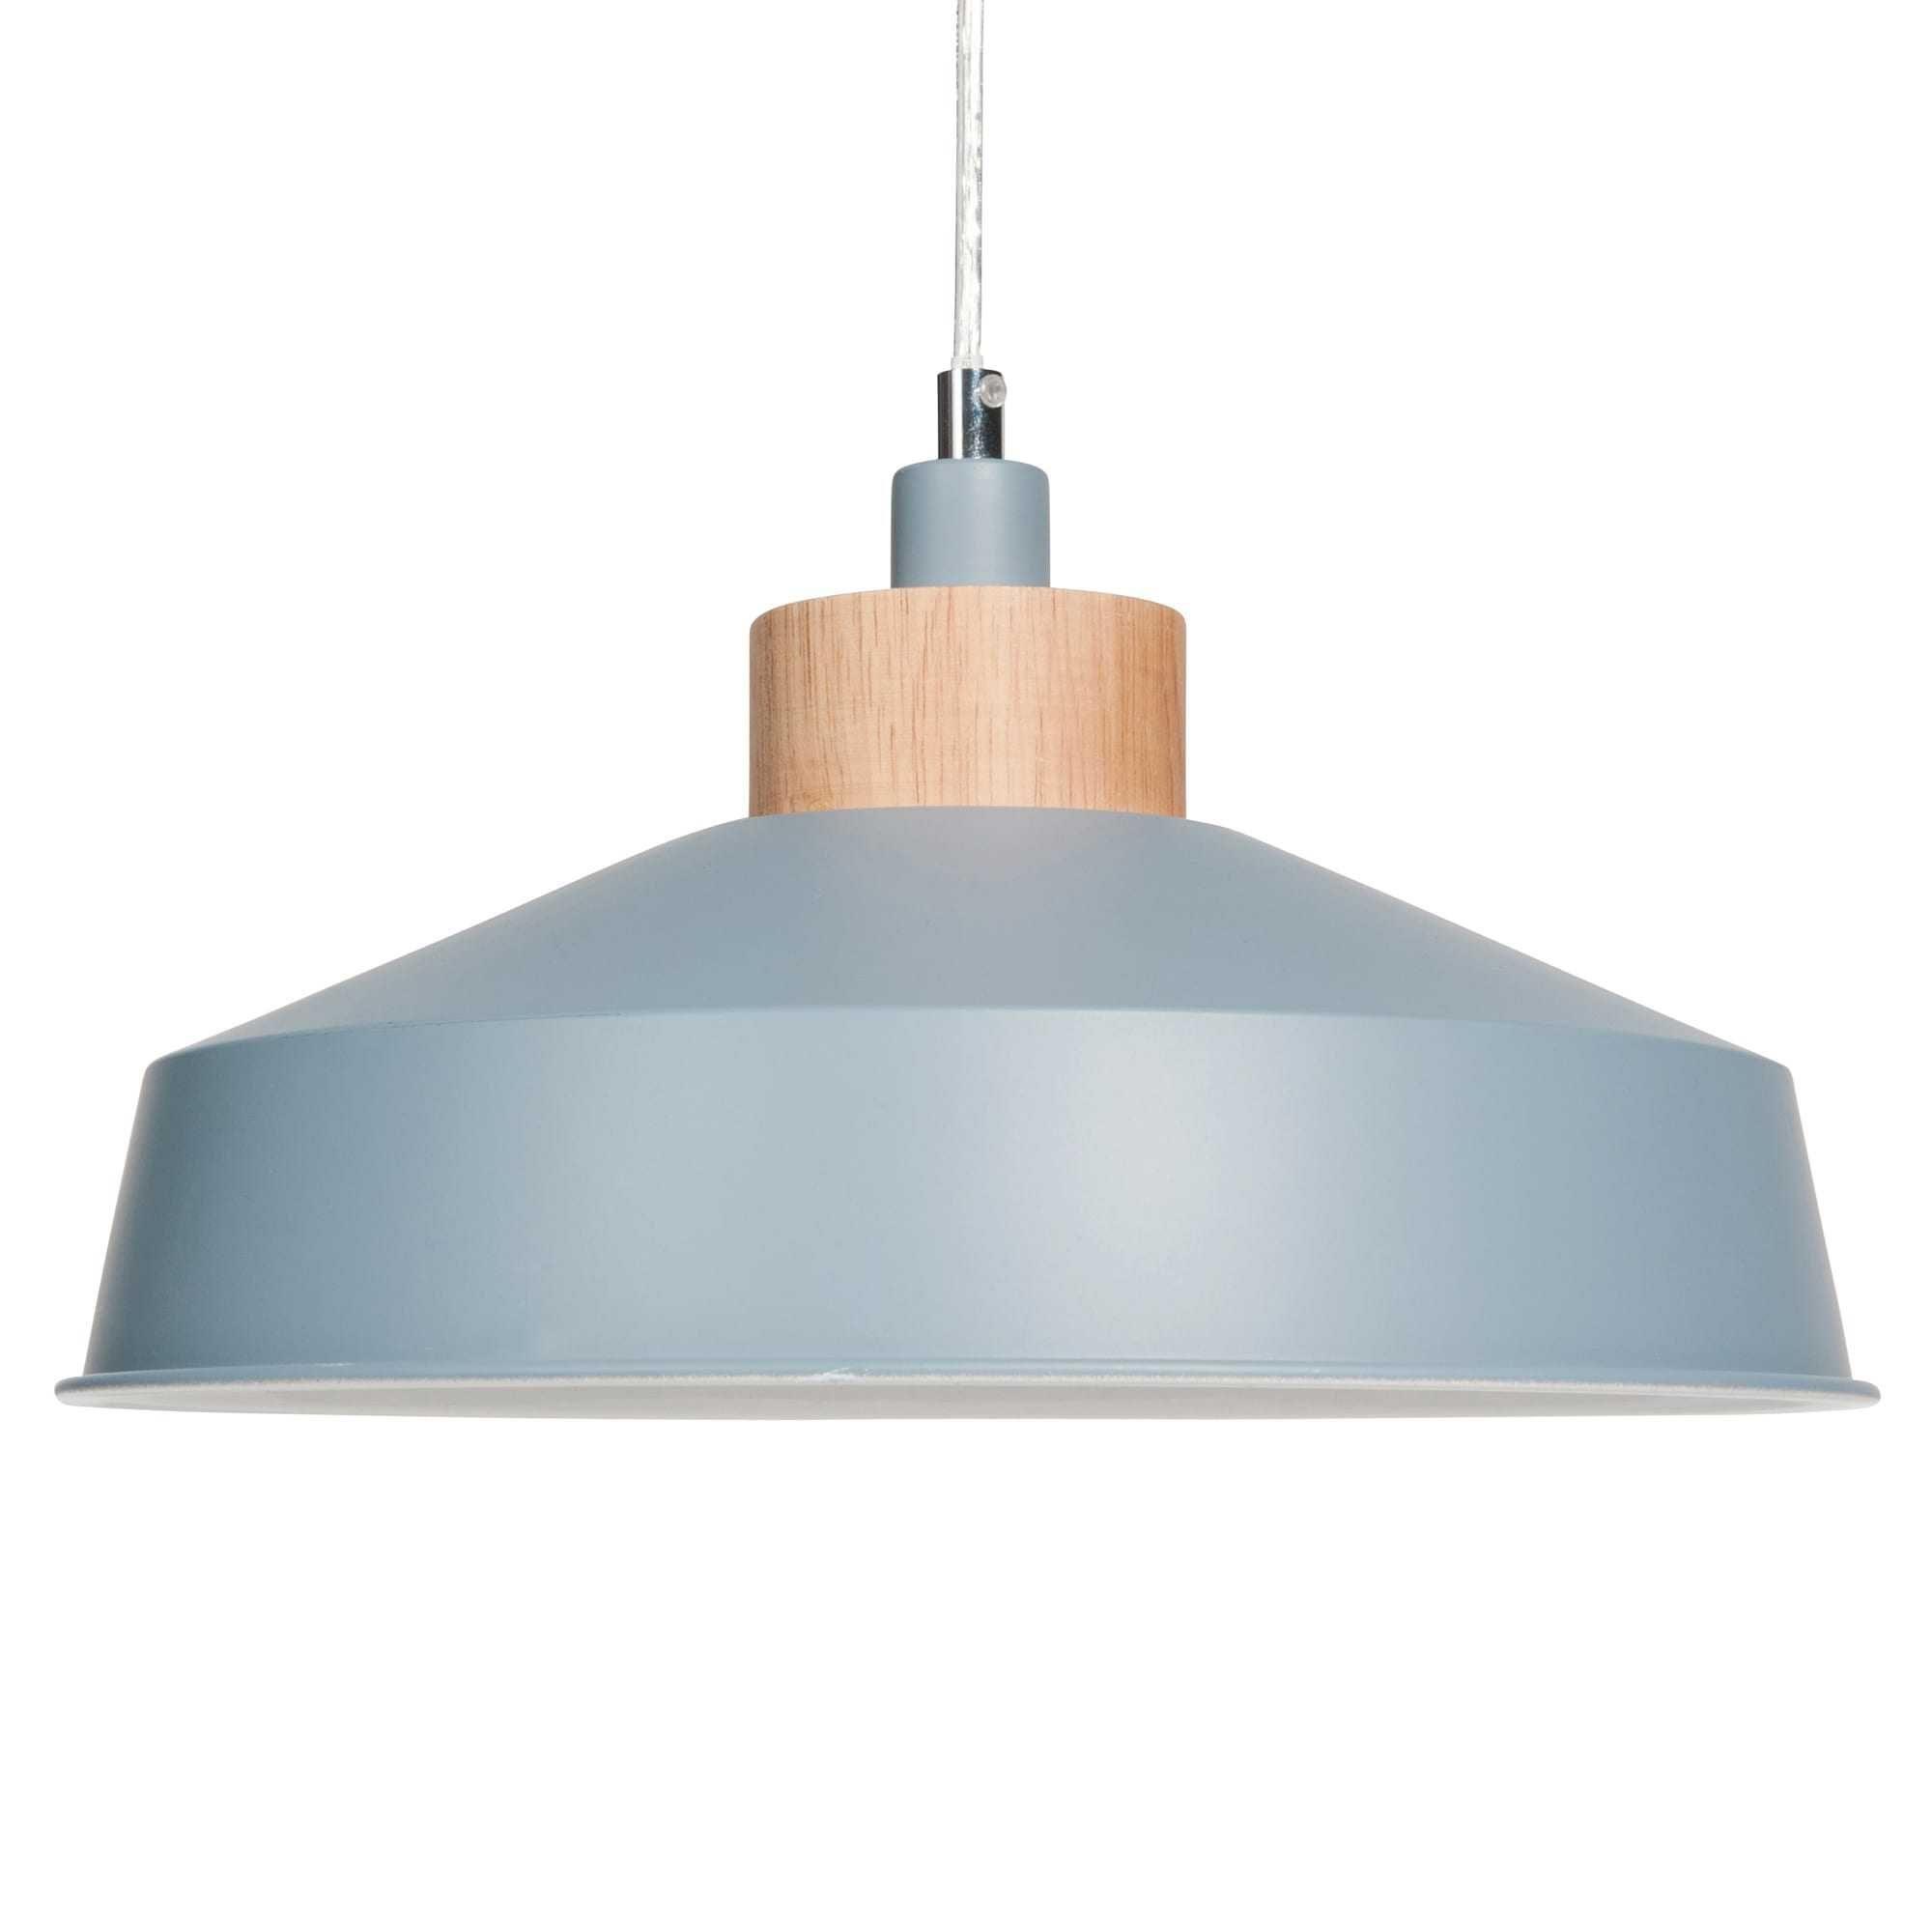 Lampe über Esstisch Ohne Anschluss